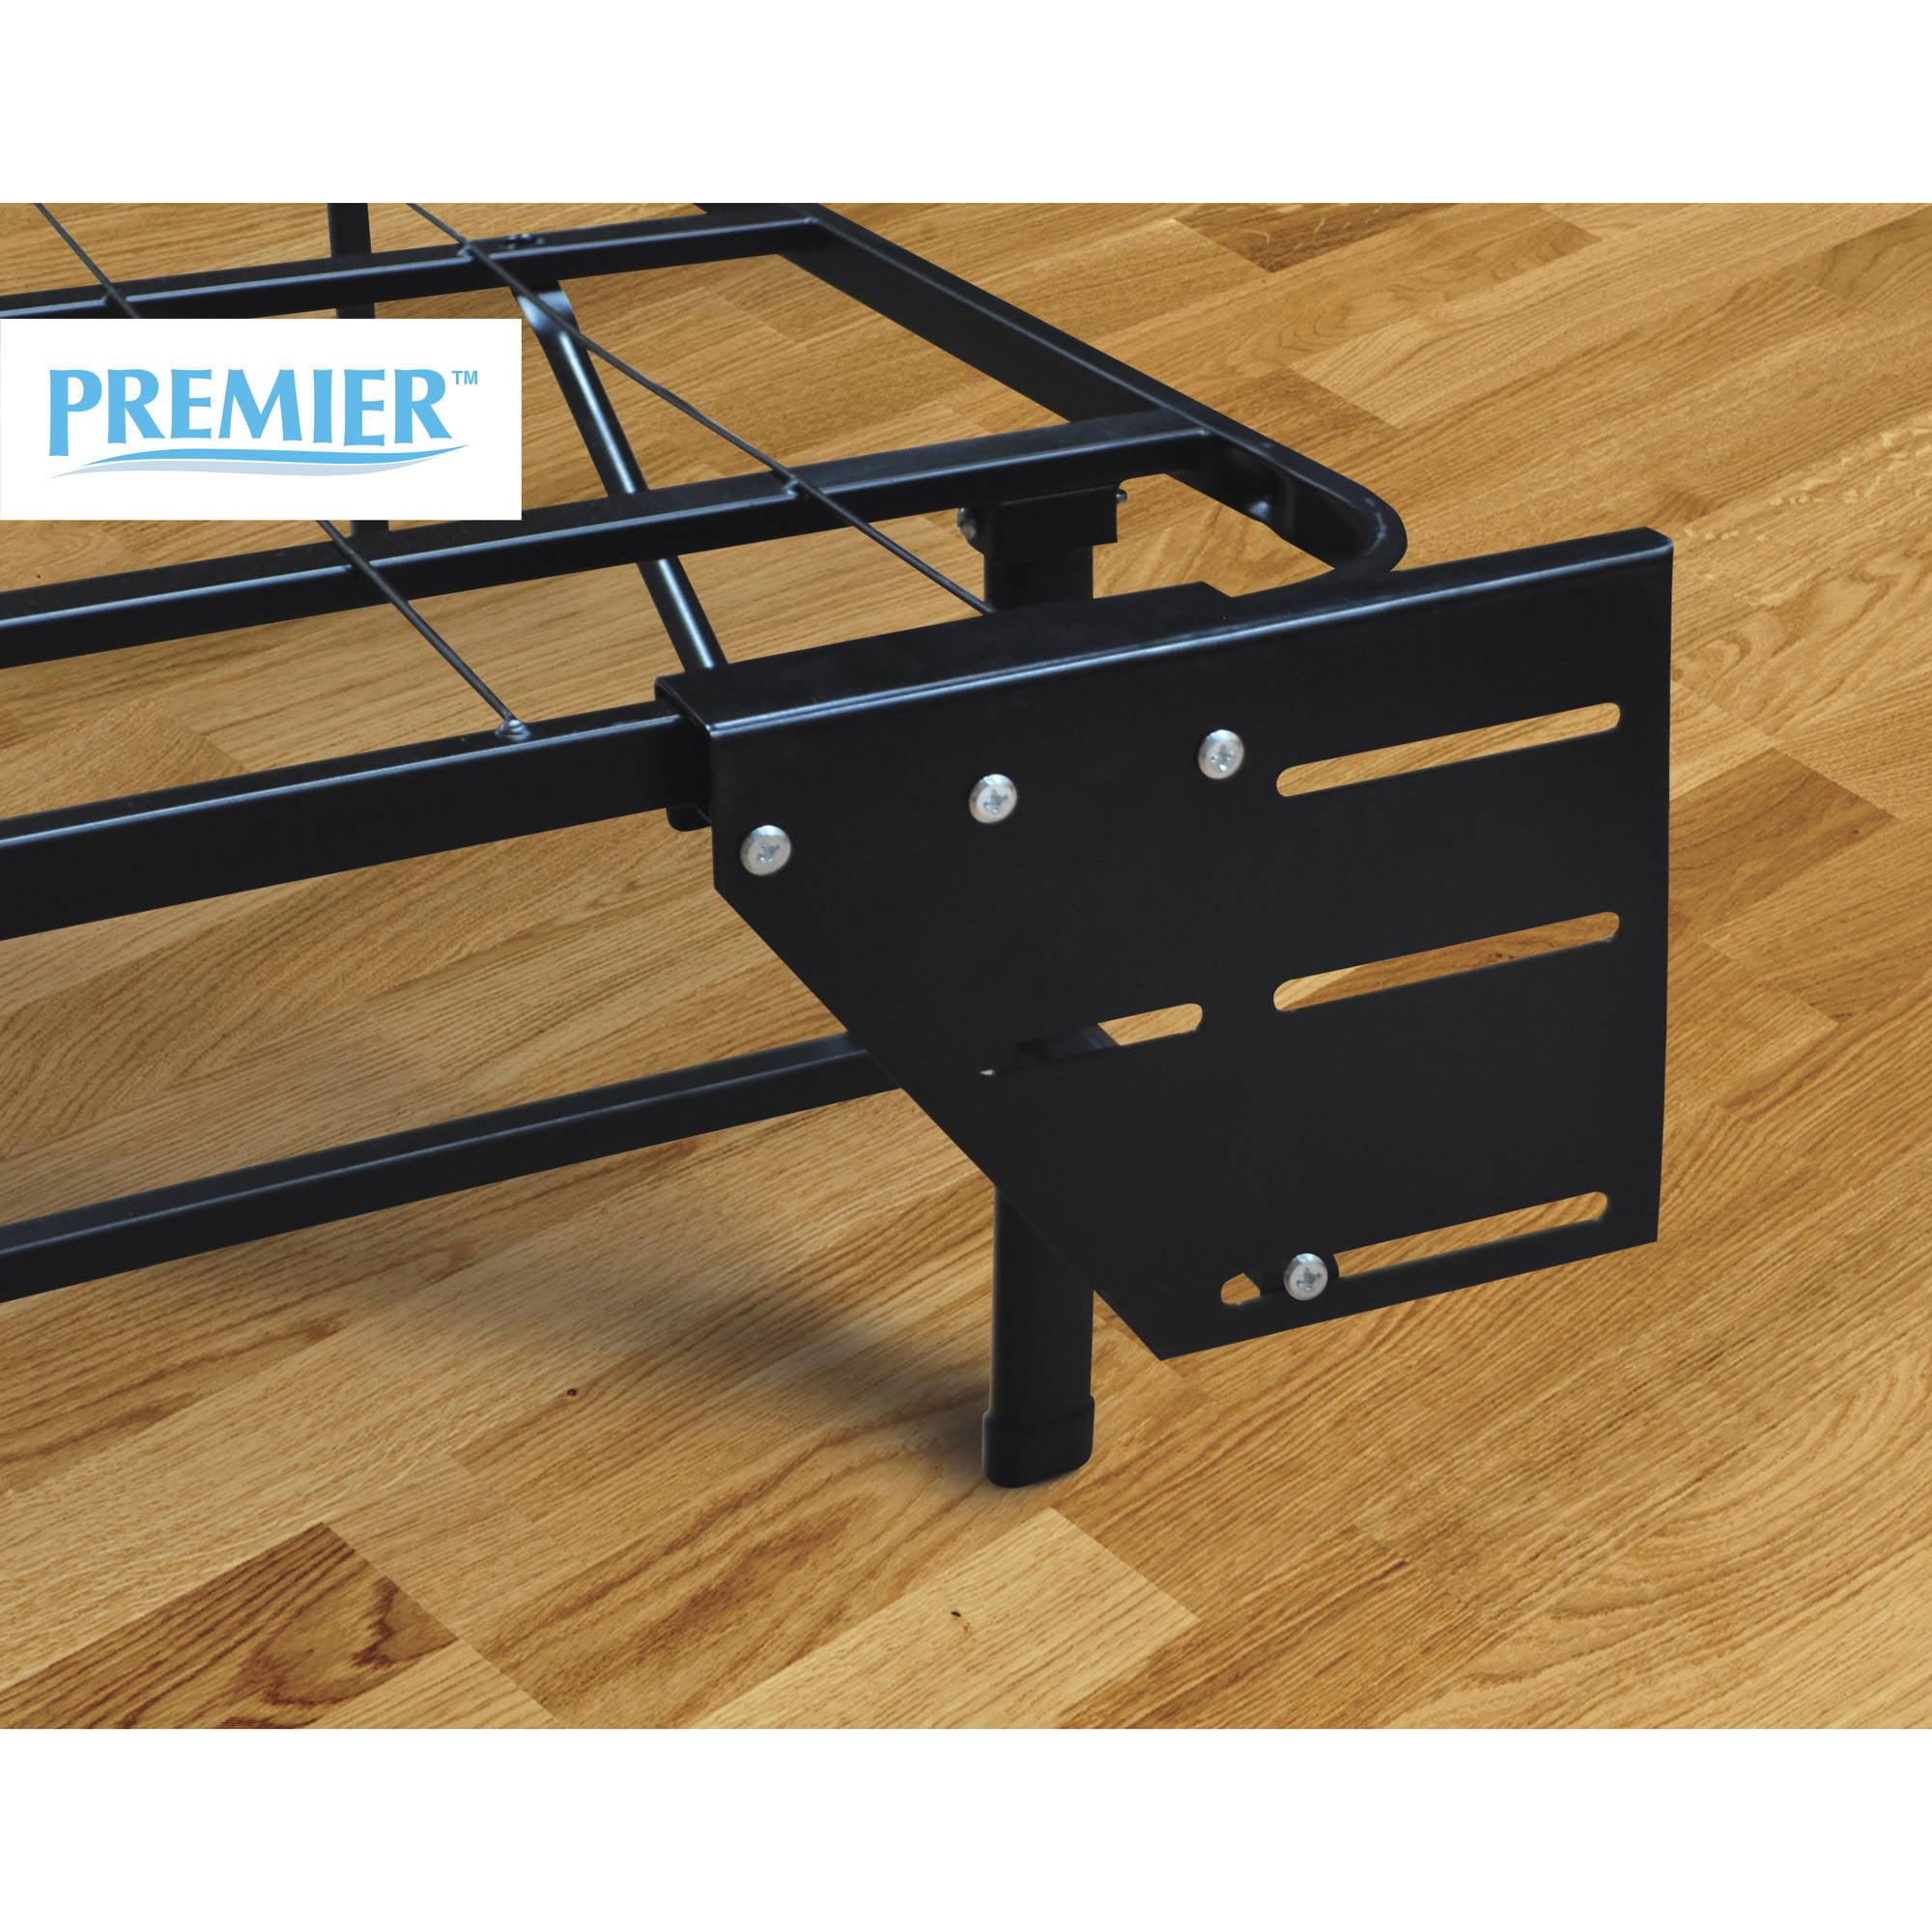 Premier Universal Headboard Footboard Brackets Black